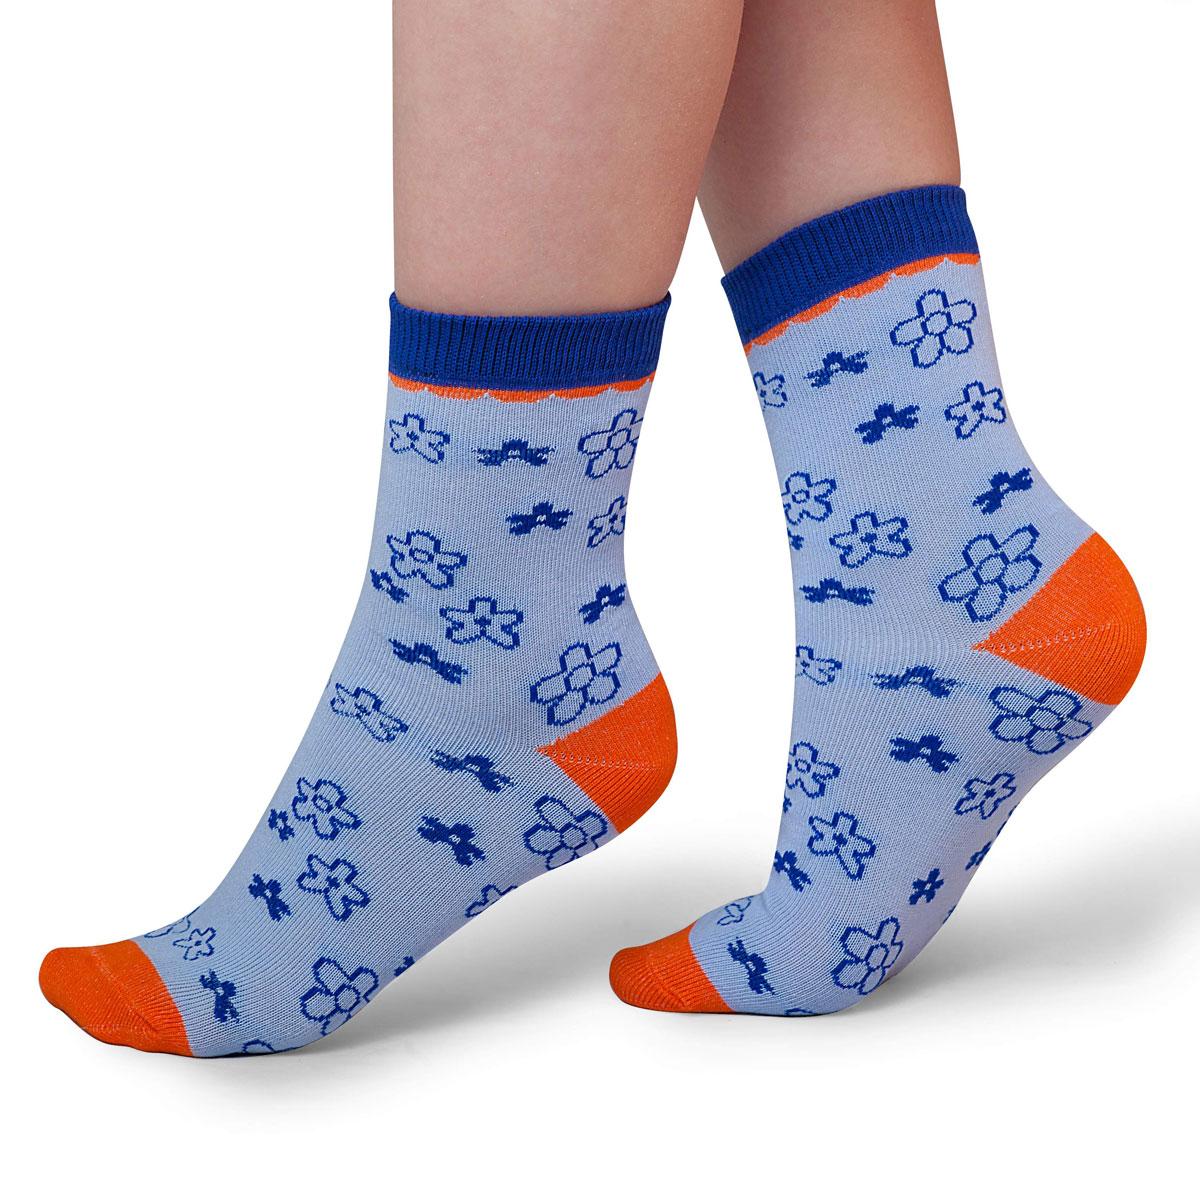 Носки для девочки Idilio, цвет: голубой. SG12. Размер 30/32SG12Комфортные носки для девочек с добавлением экологически чистого хлопка, изготовленные без применения химических красителей.